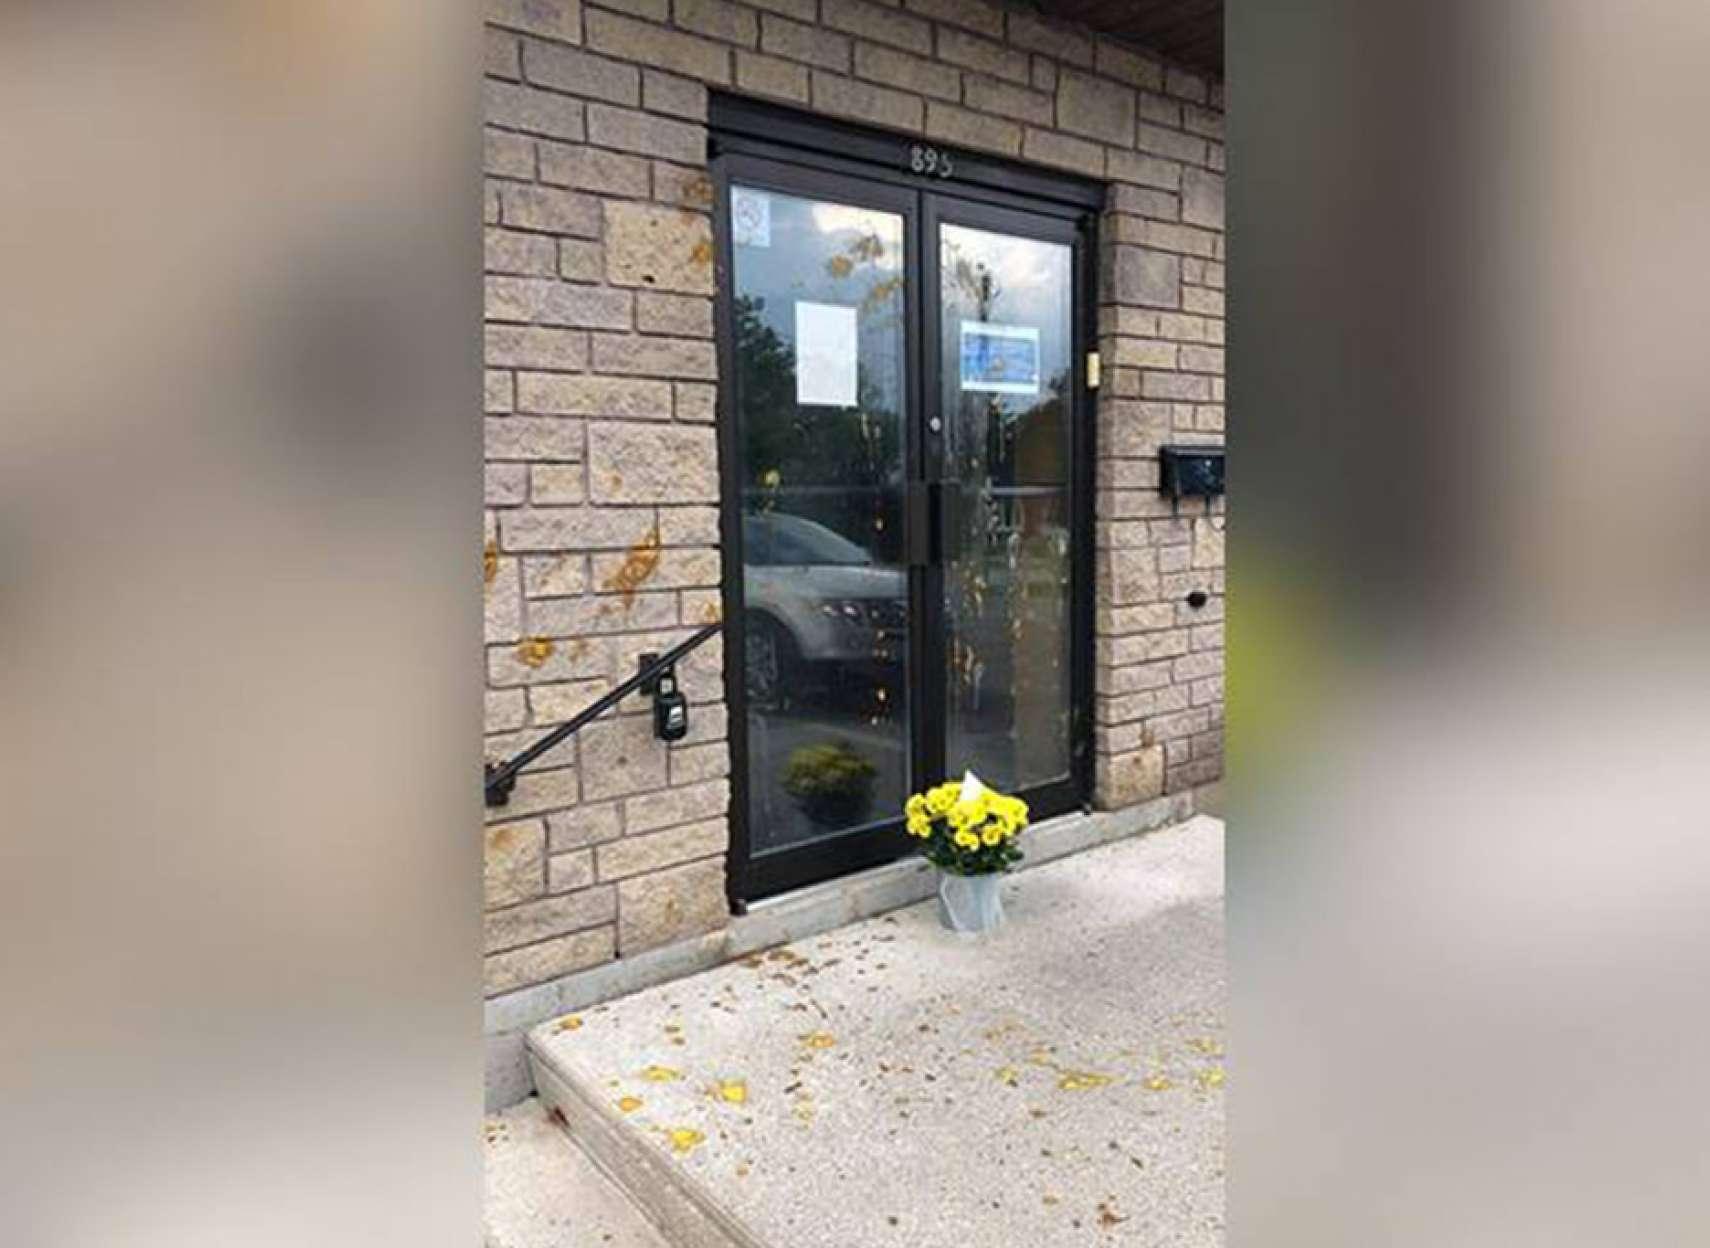 اخبار-تورنتو-حمله-دو-شب-پیاپی-به-مسجدی-در-اطراف-تورنتو